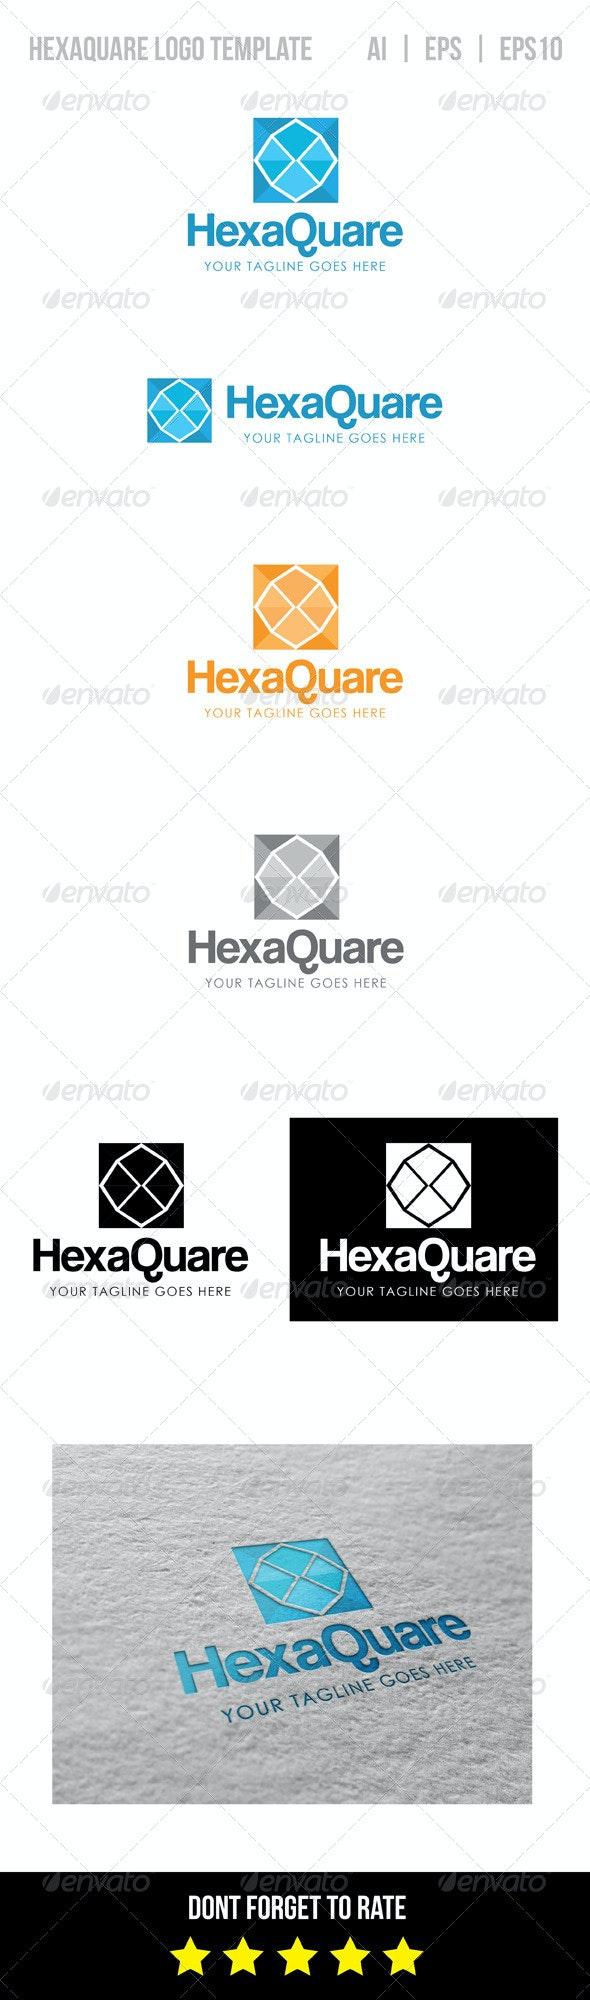 Hexaquare Logo Template - Vector Abstract